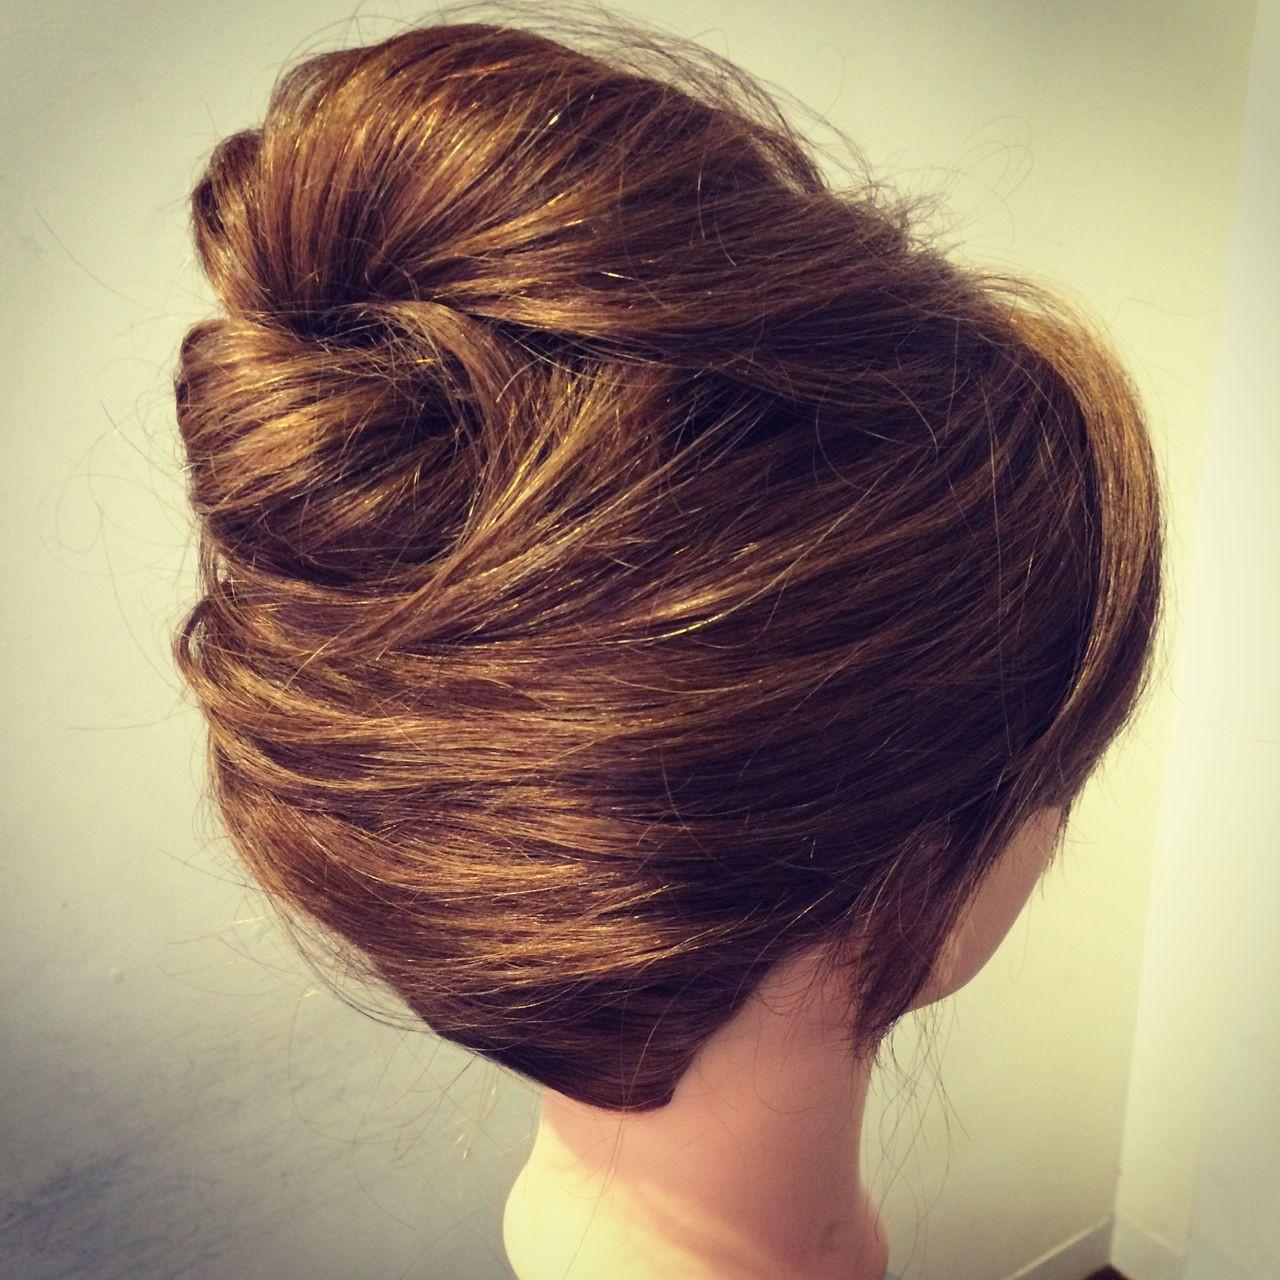 理想の結婚式を叶える♡なりたいイメージ別ウエディングヘアカタログ Manami Wada